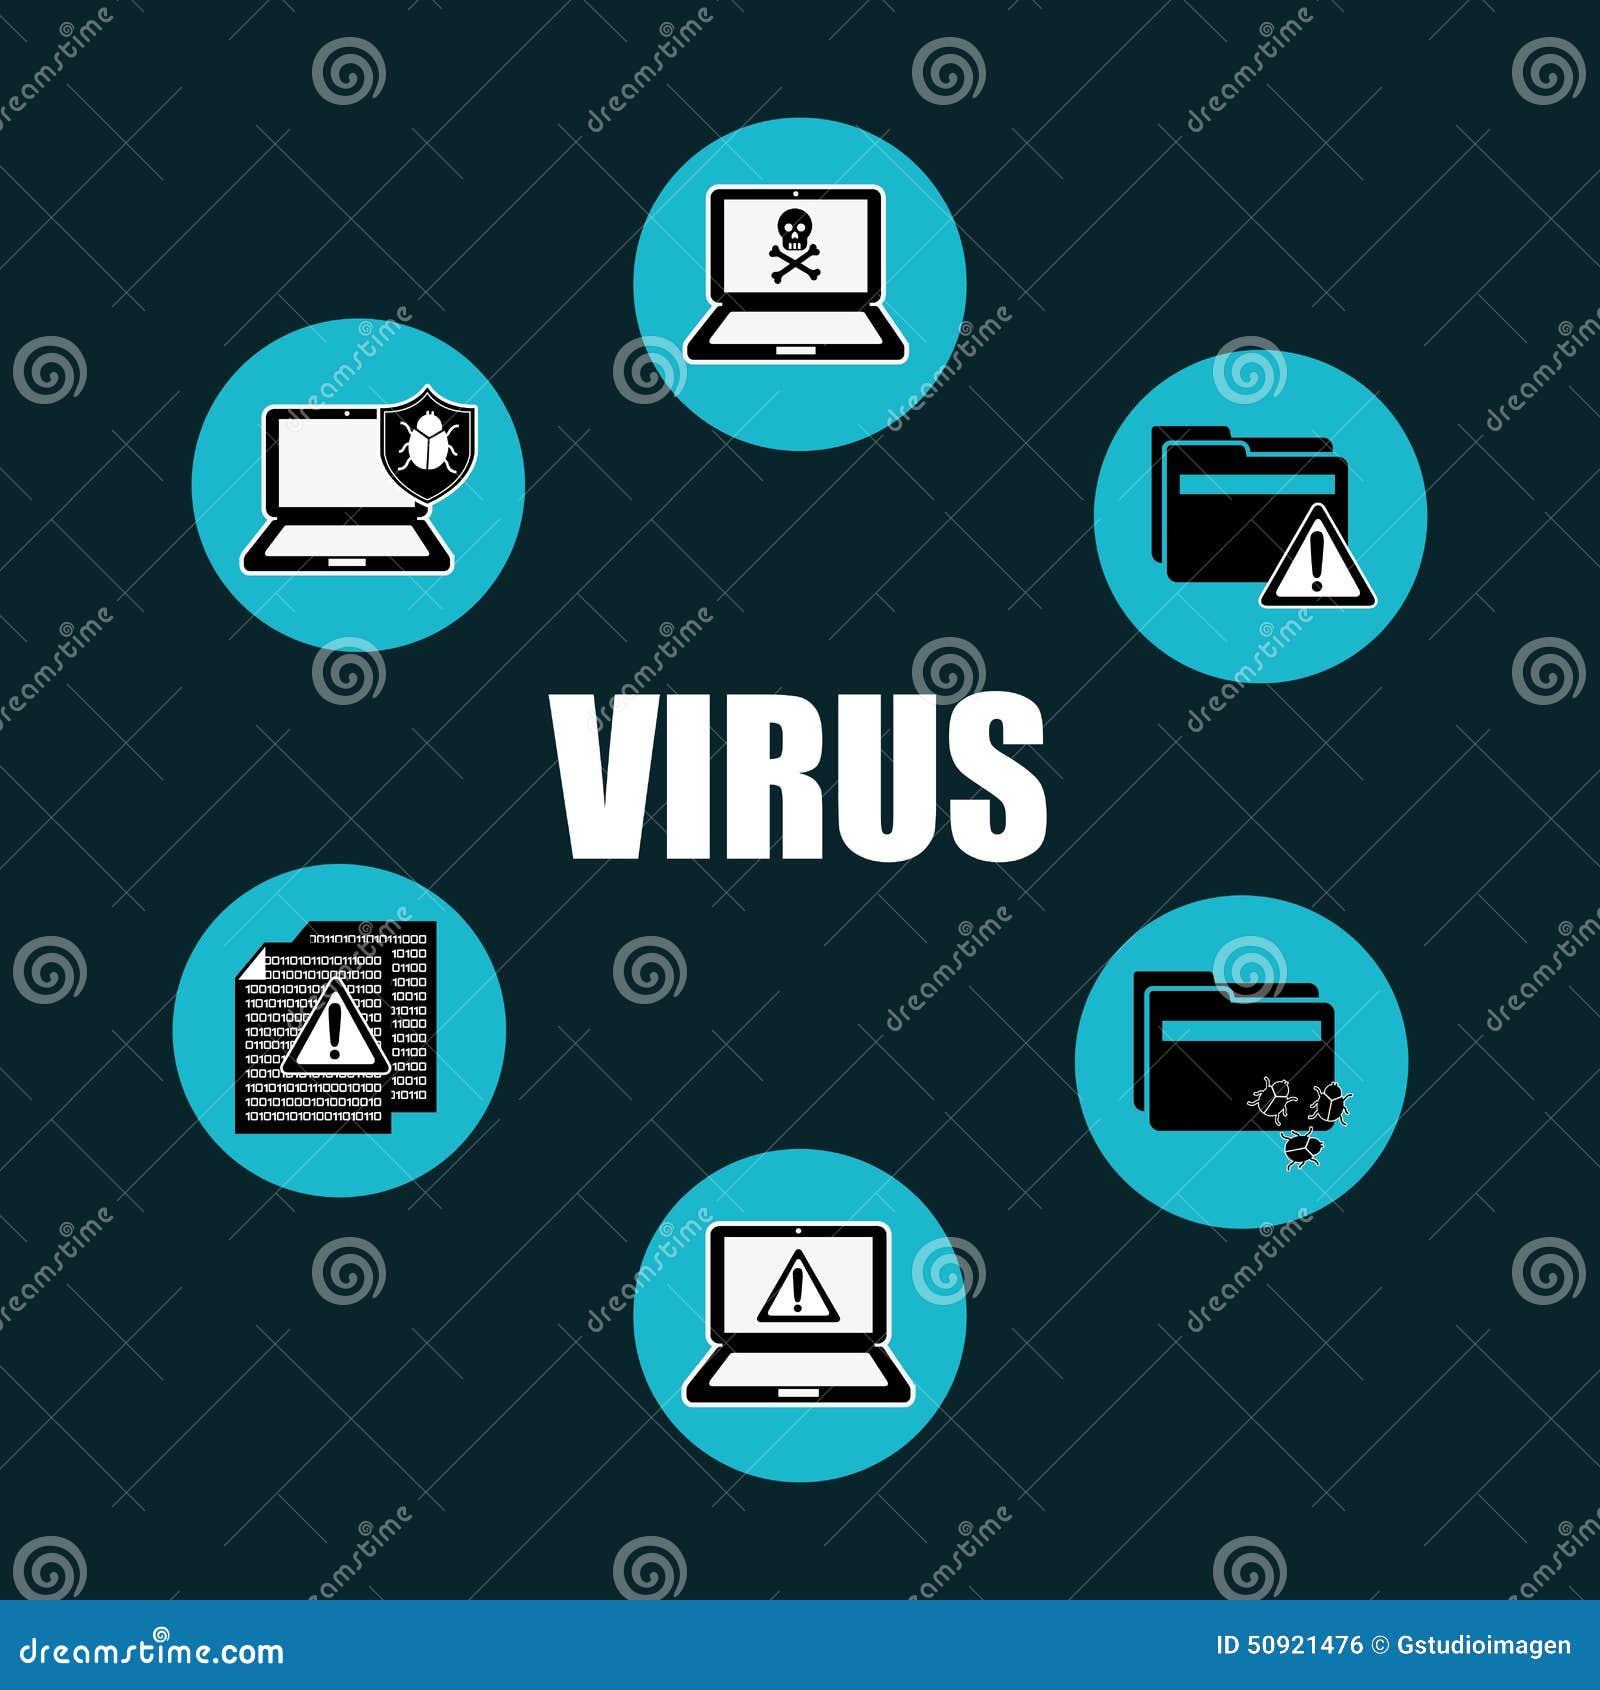 計算機常見的幾種病毒 《消失的微生物》